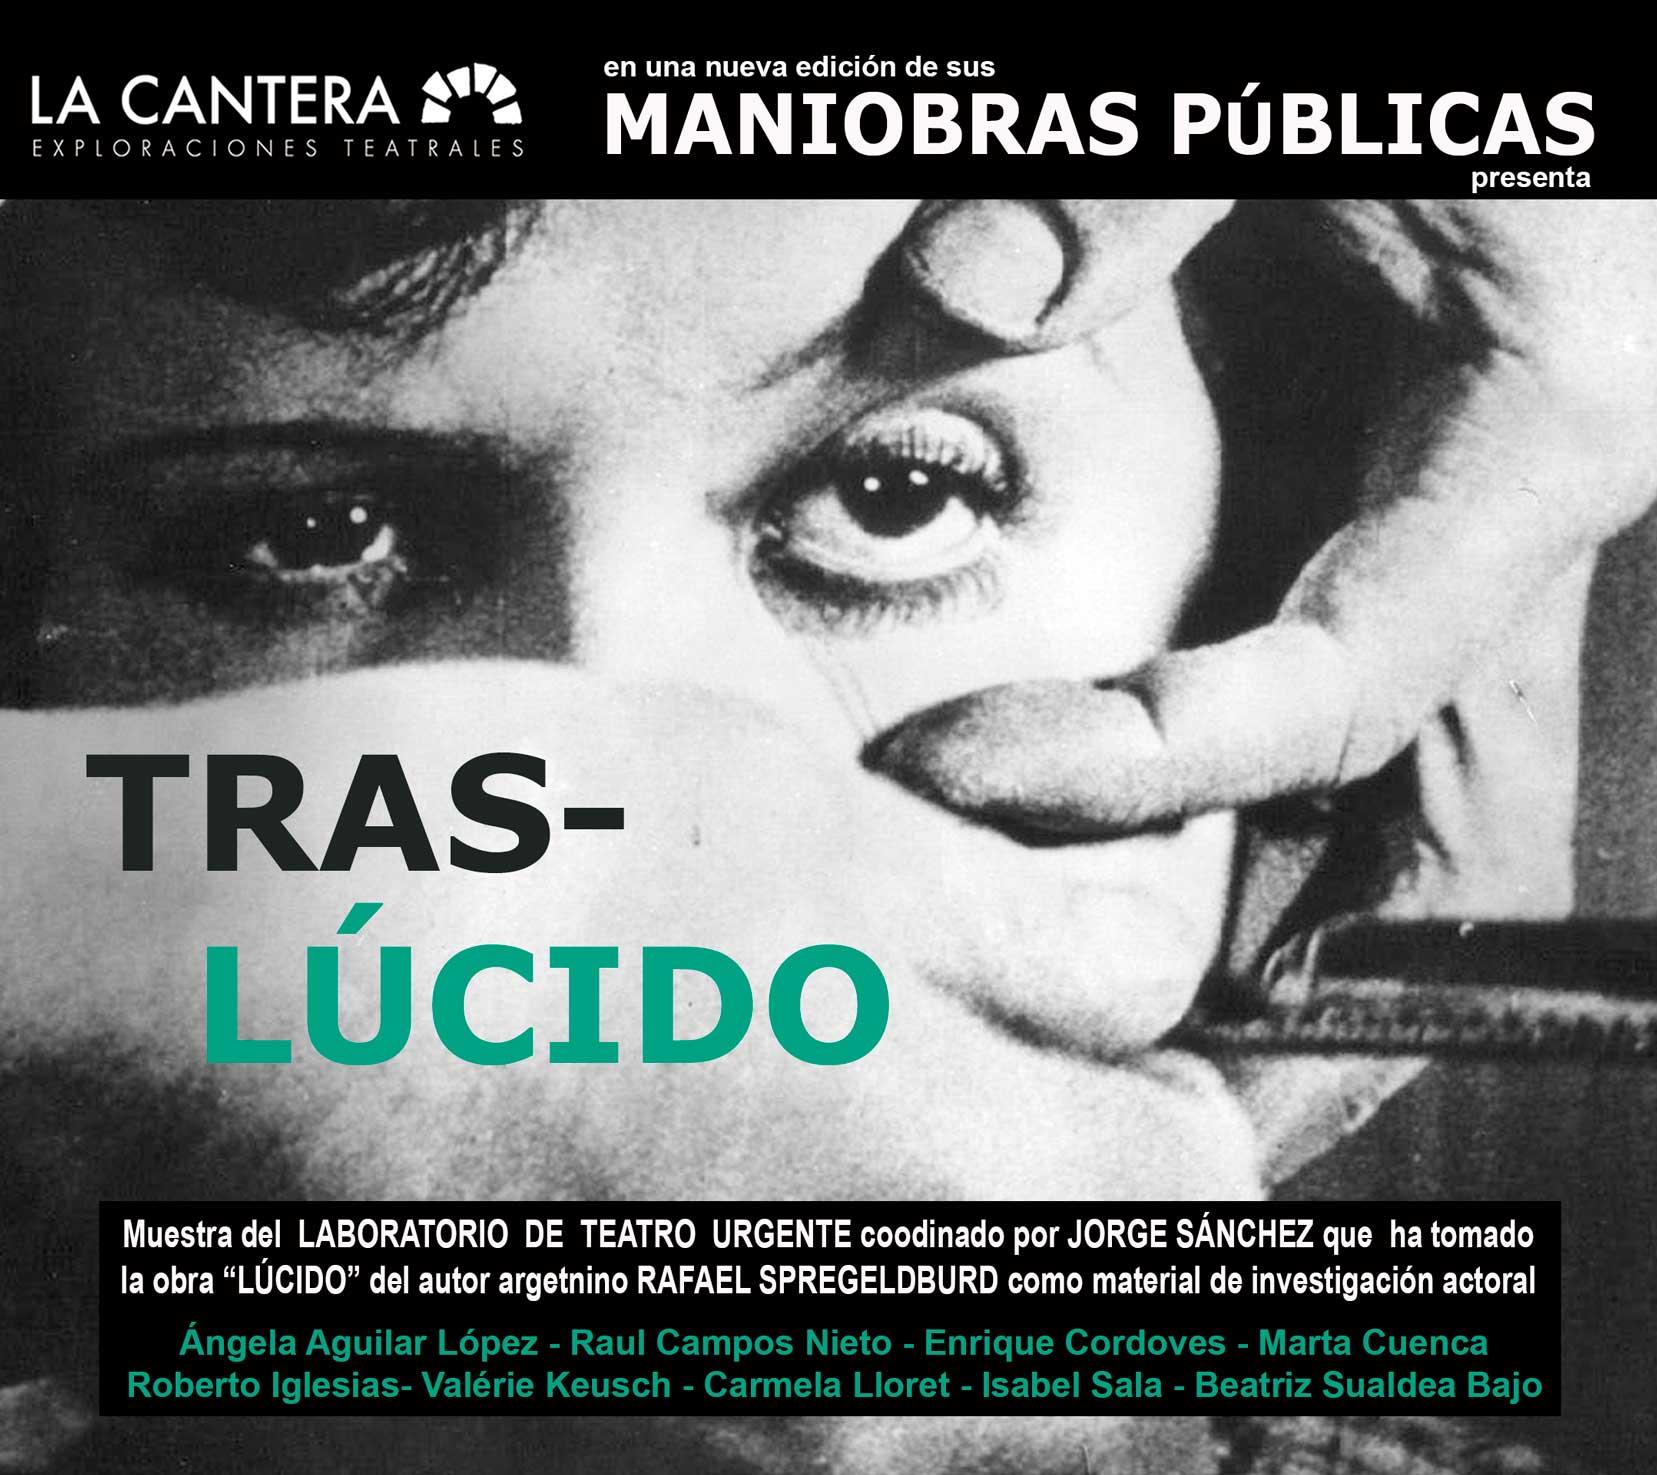 publi-MANIOBRAS-PÚBLICAS-Lúcidas